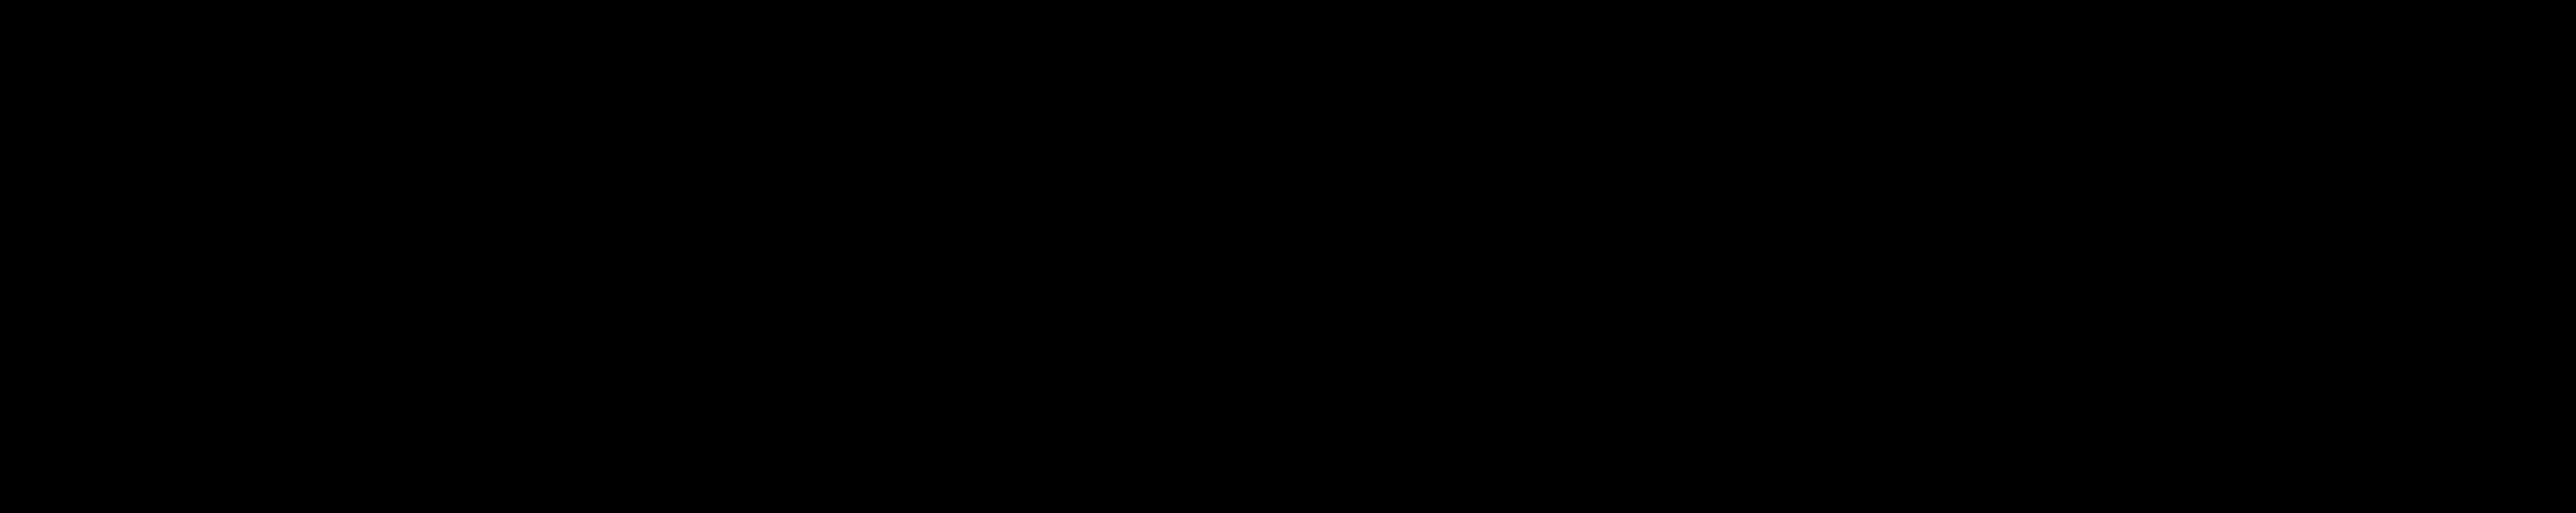 Interfacial elasticity equation